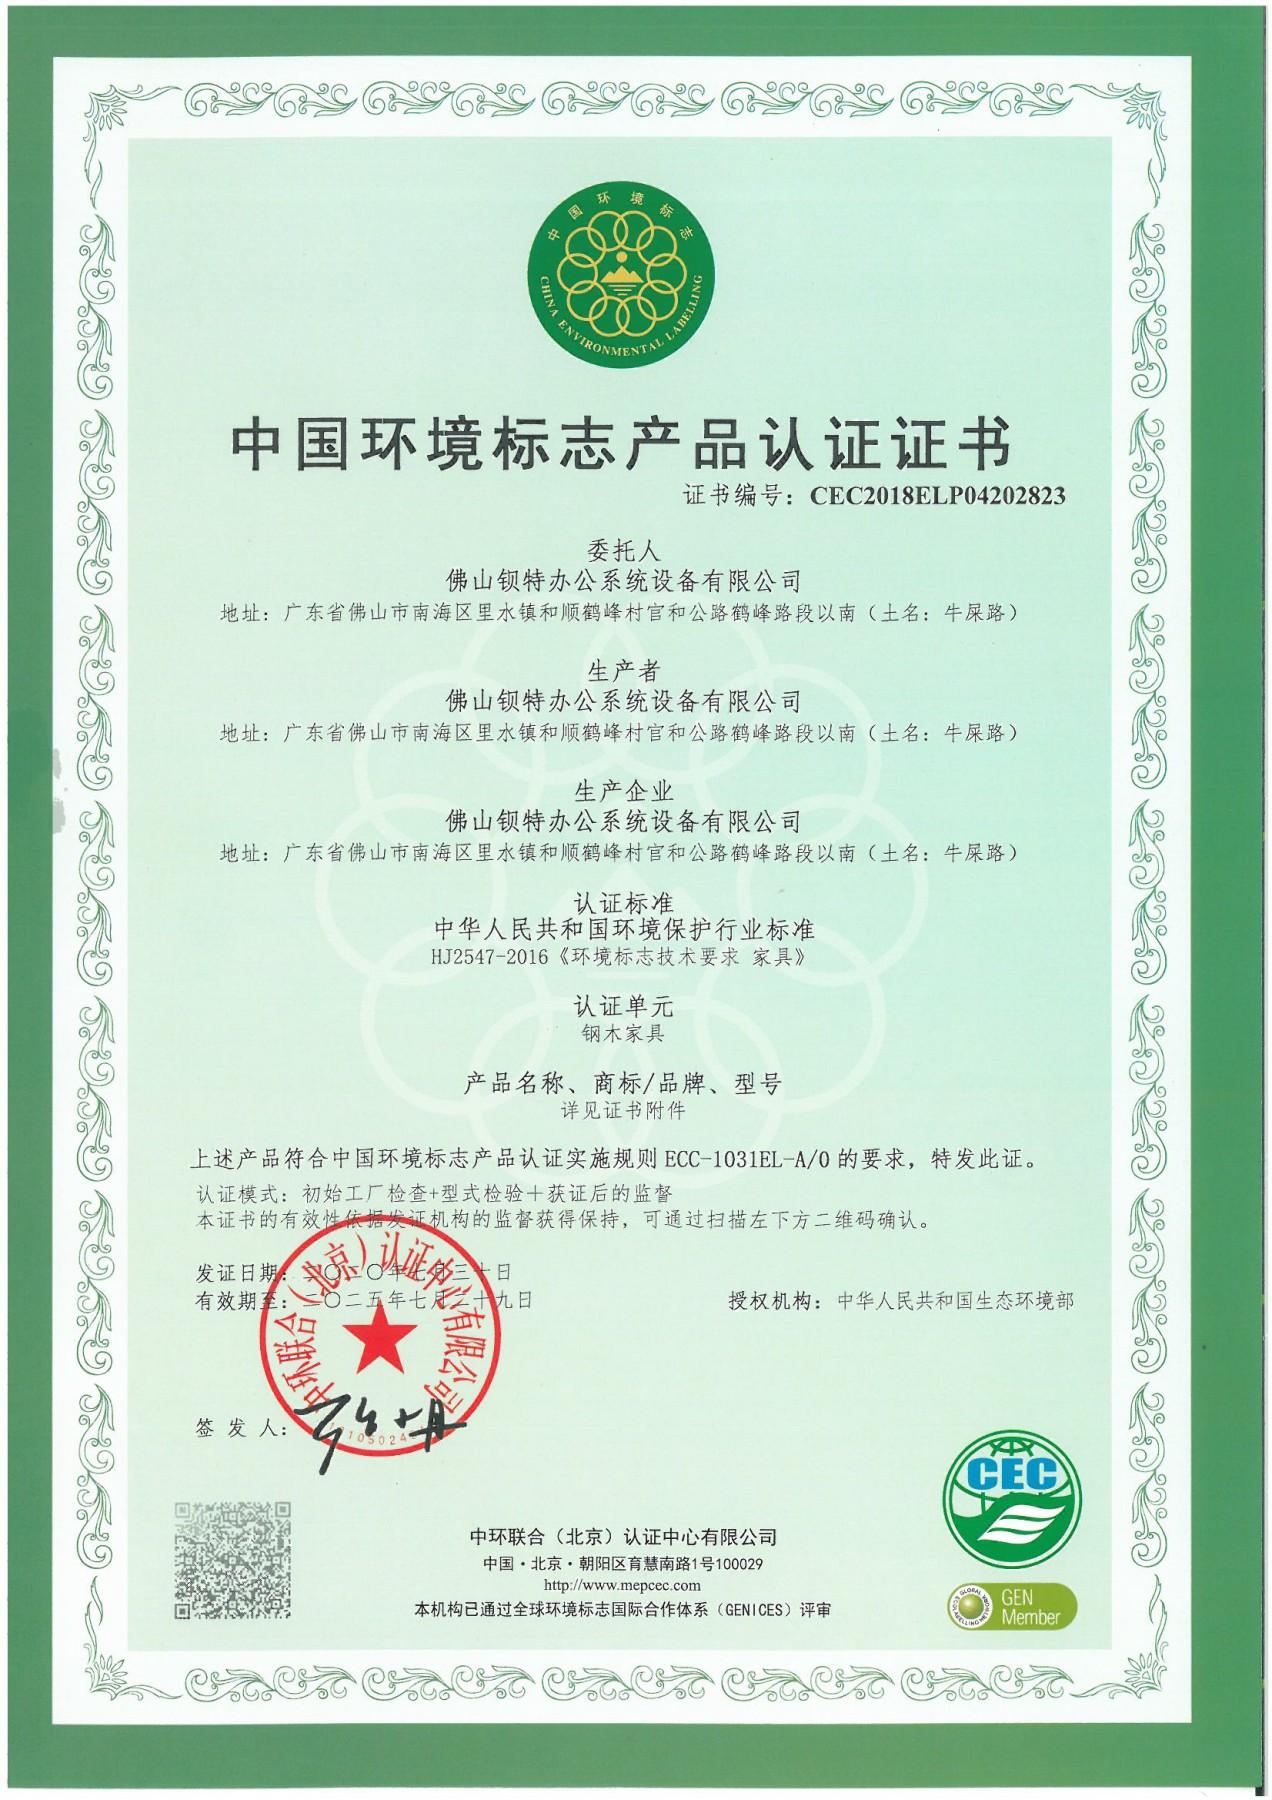 十环钢木认证